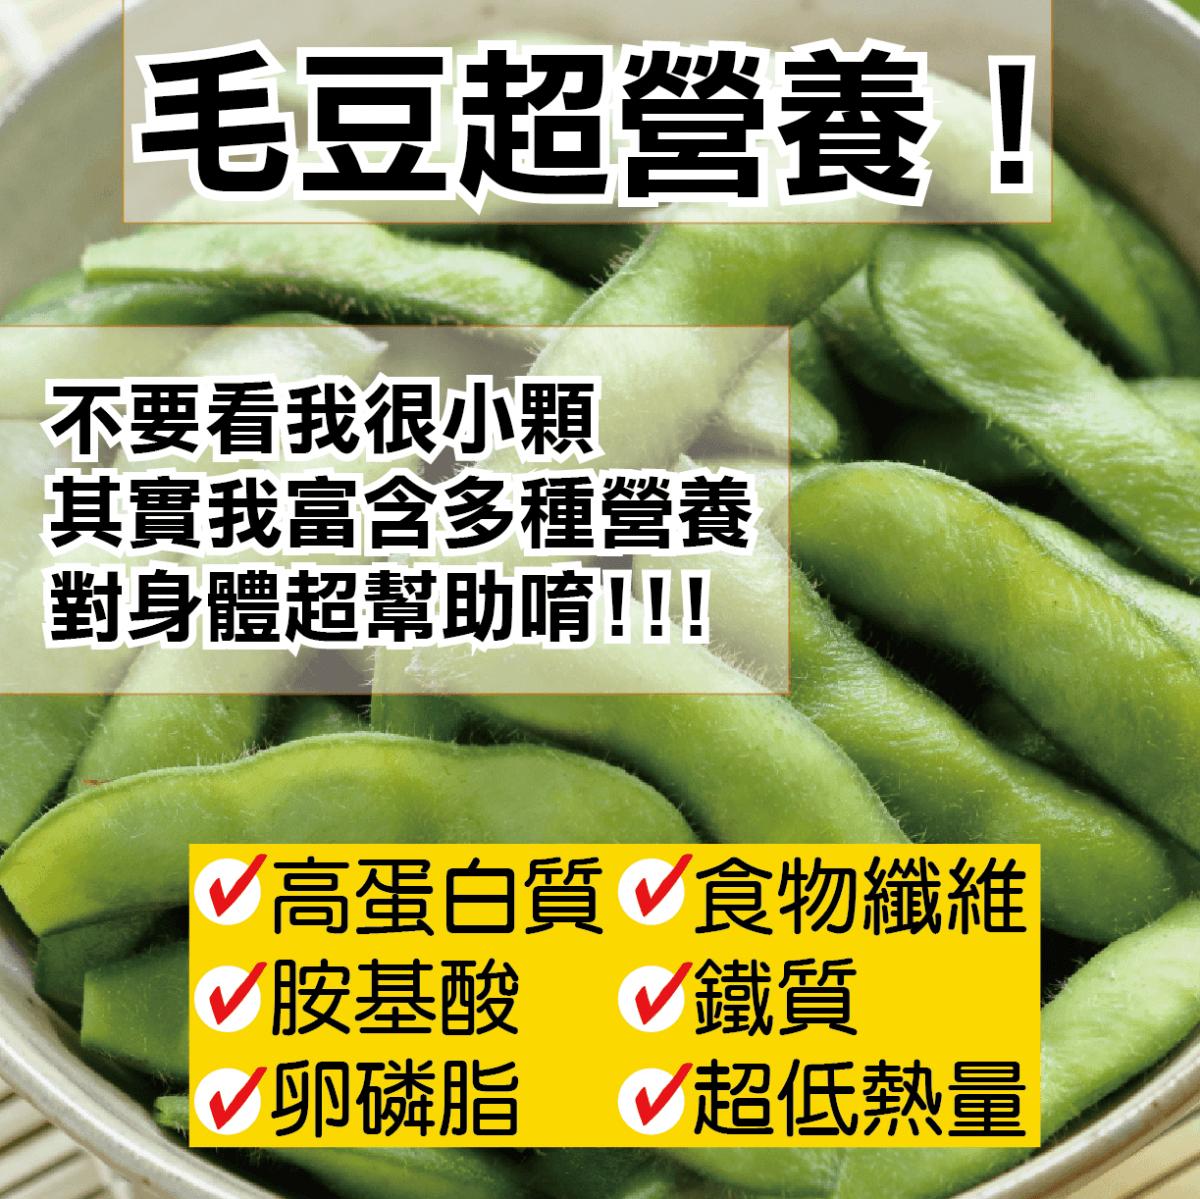 【田食原】新鮮冷凍毛豆仁 300g 養生即食 健康減醣 低碳飲食 健身餐  卵磷脂  冷凍蔬菜 1